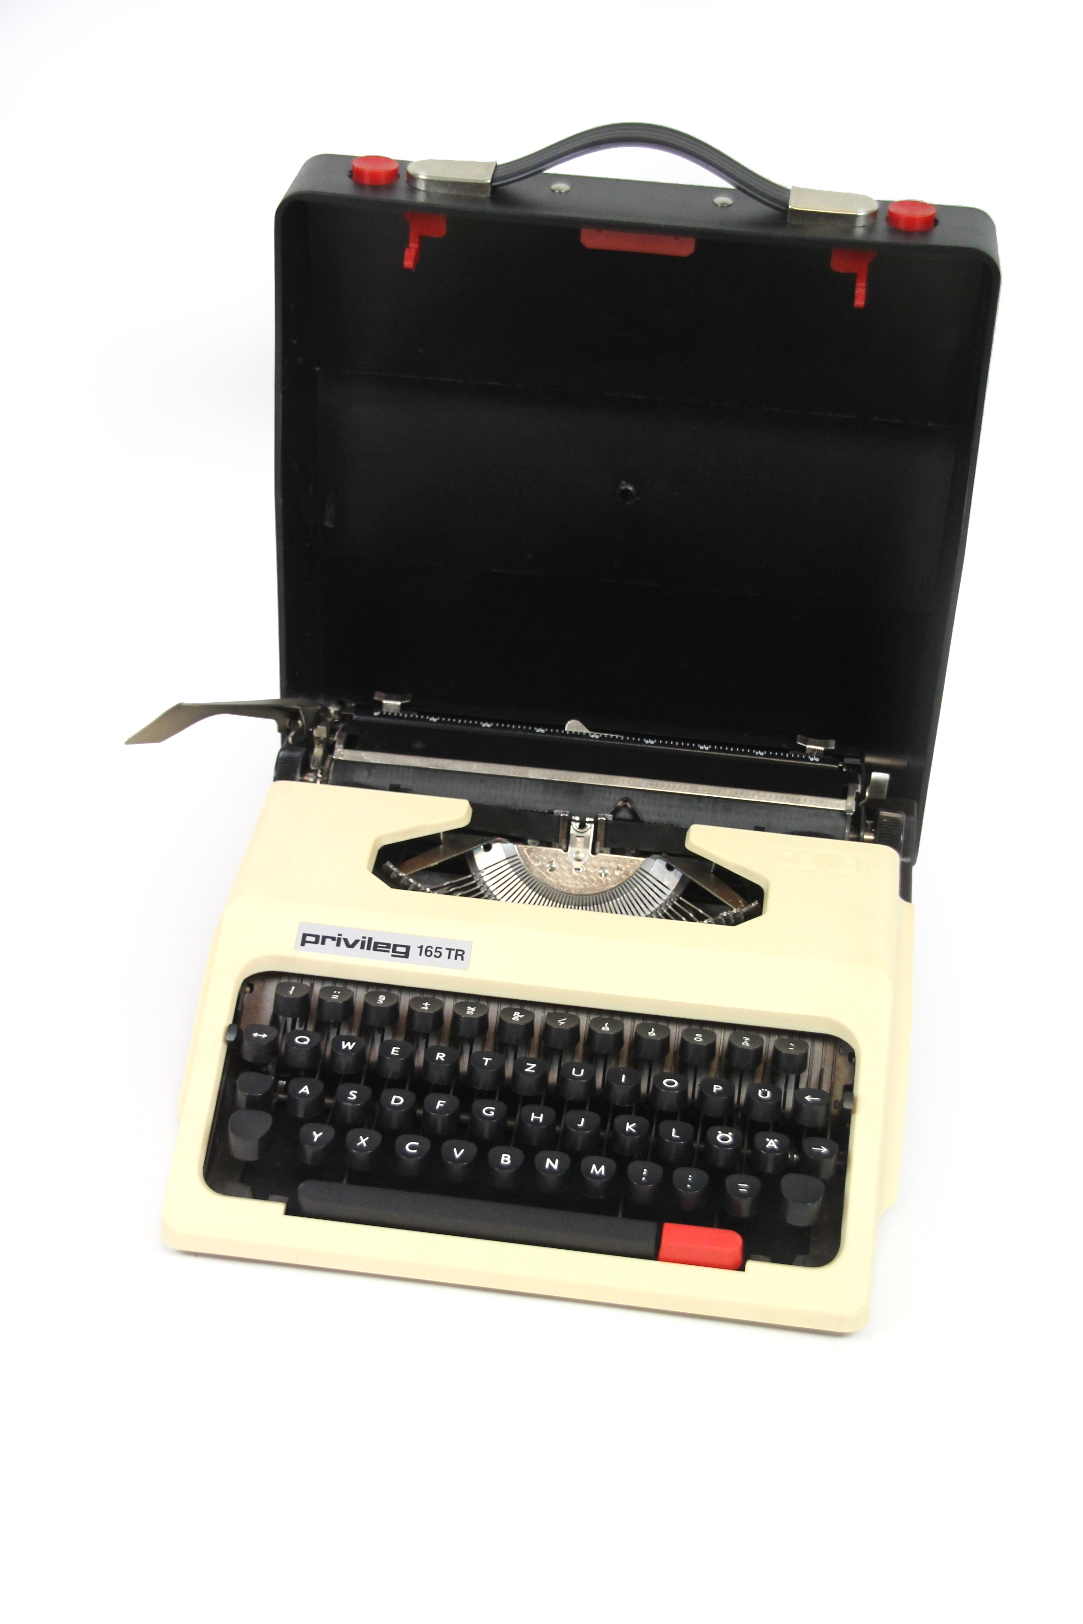 kompakte privileg cella 165 tr reise schreibmaschine beige im koffer typewriter ebay. Black Bedroom Furniture Sets. Home Design Ideas